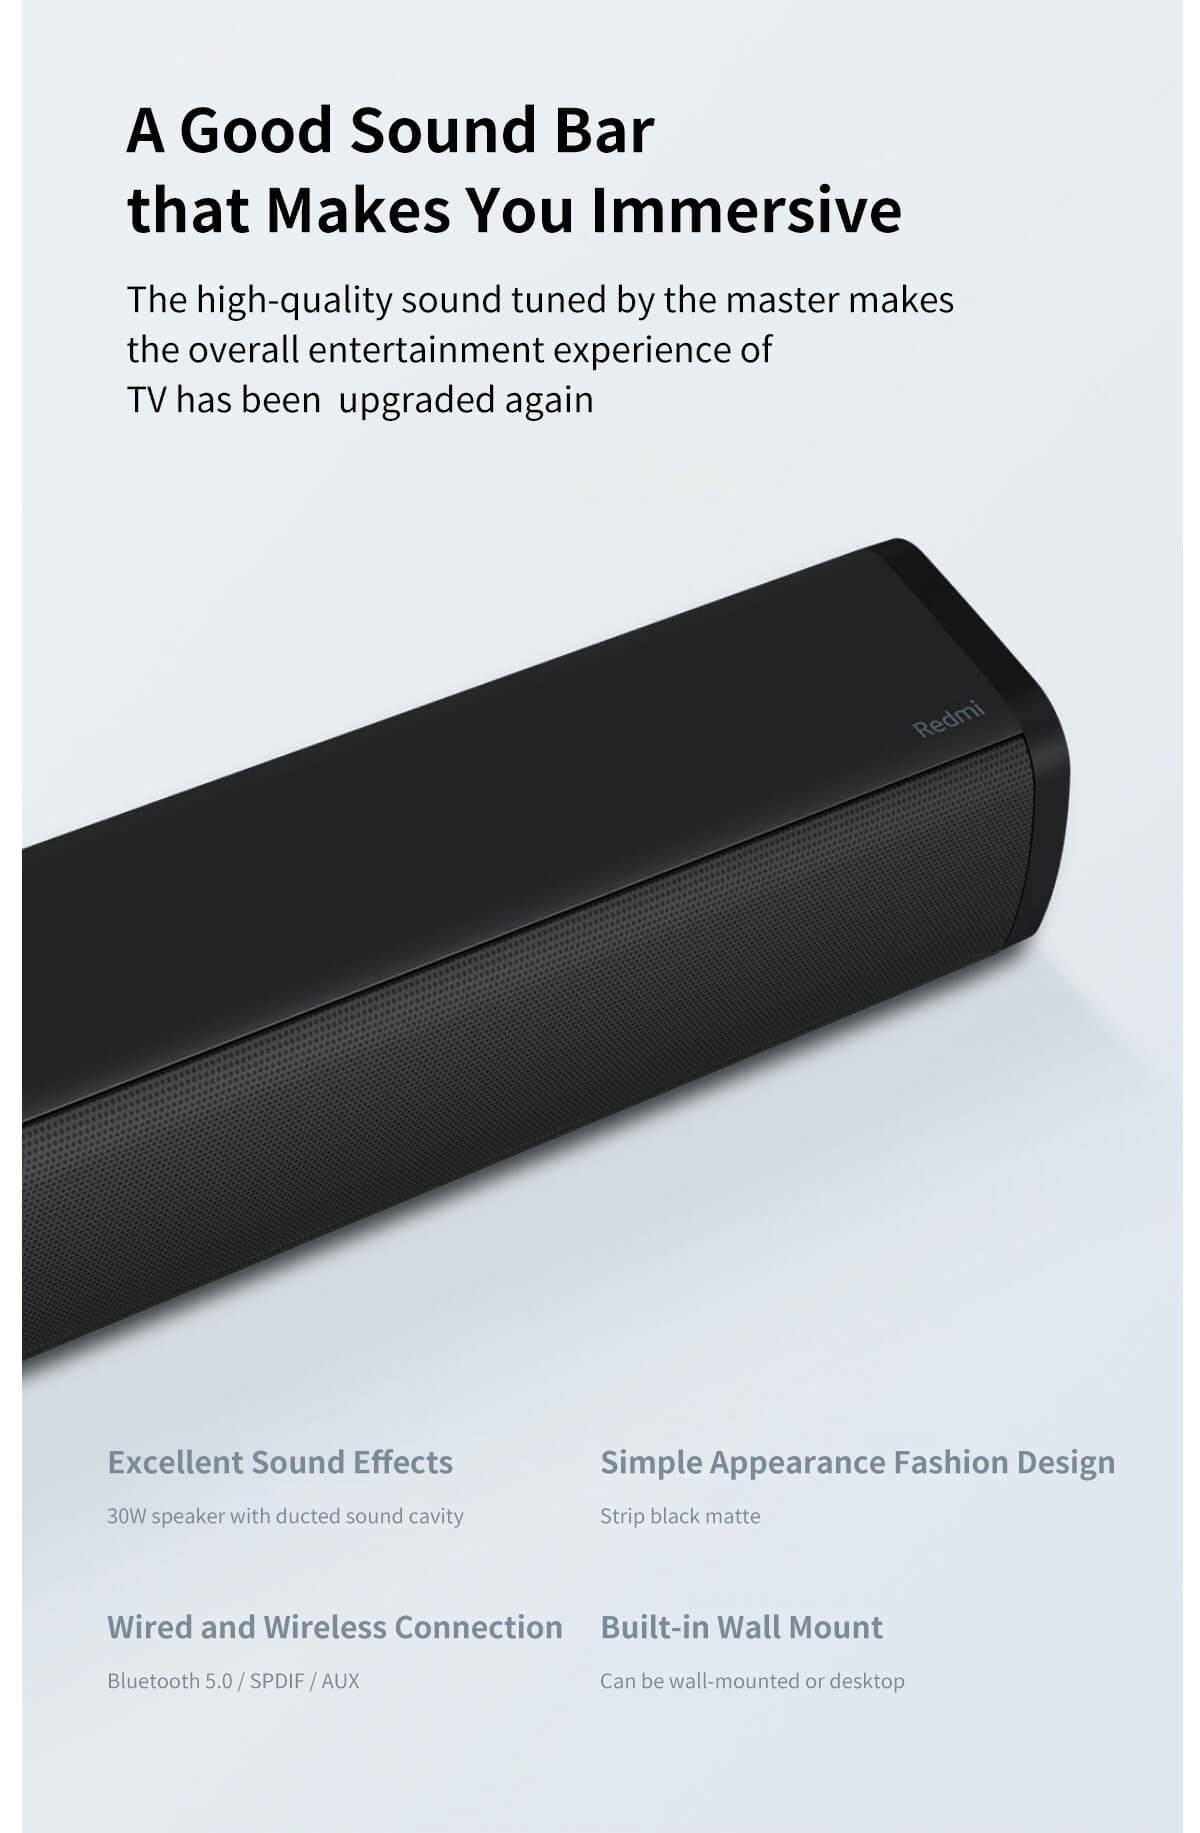 Redmi TV SoundBar 2